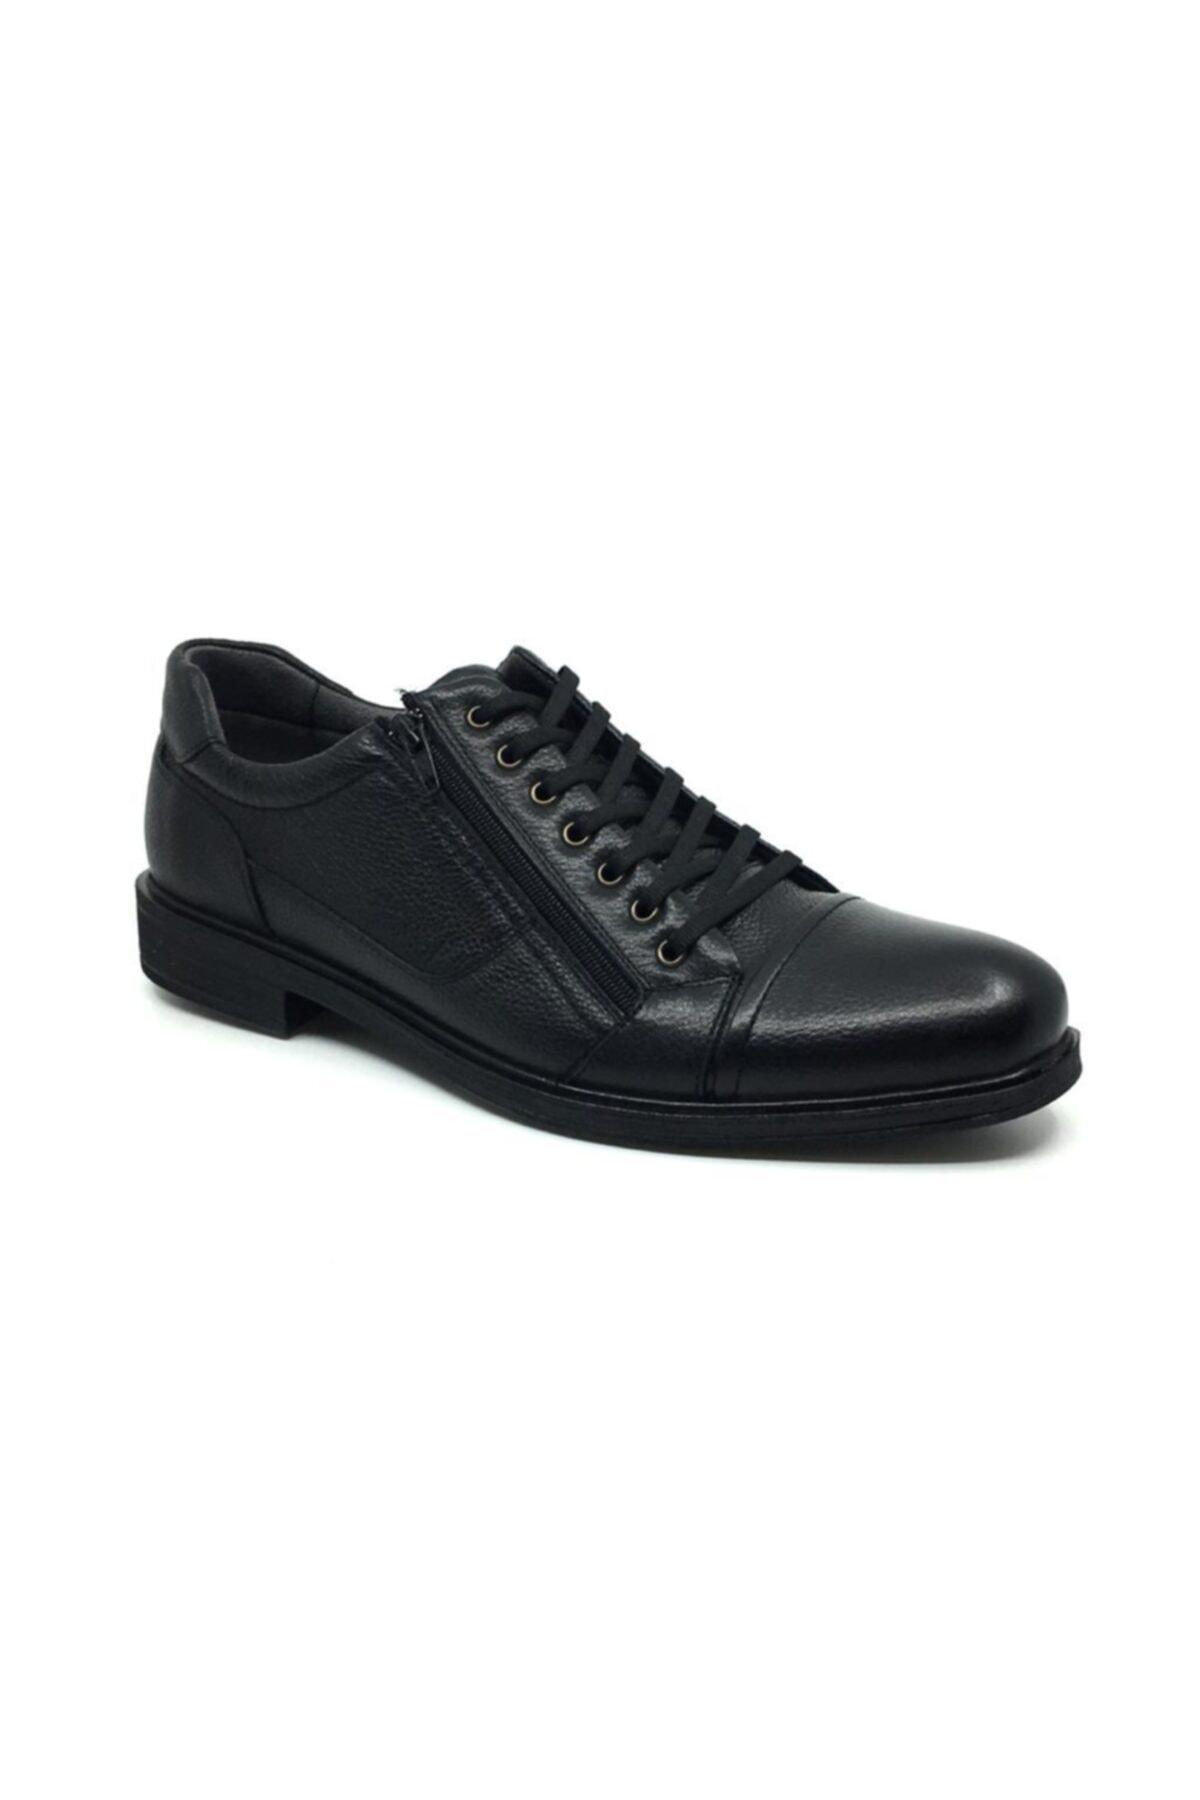 Taşpınar Erkek Siyah Kışlık Günlük Rahat Büyük Ayakkabı 1